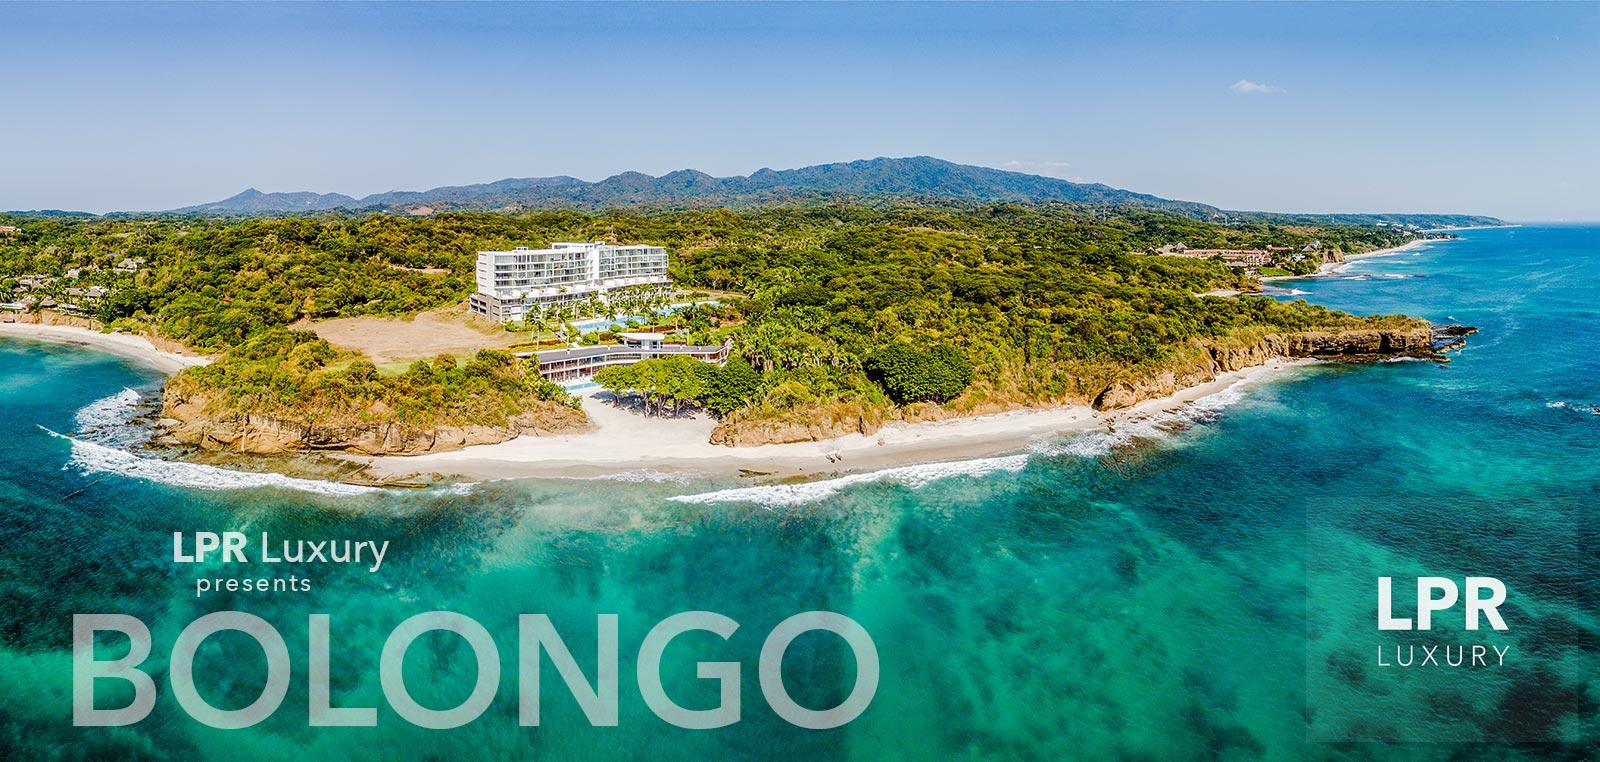 Bolongo - Punta de Mita luxury condos and villas - North Shore Puerto Vallarta